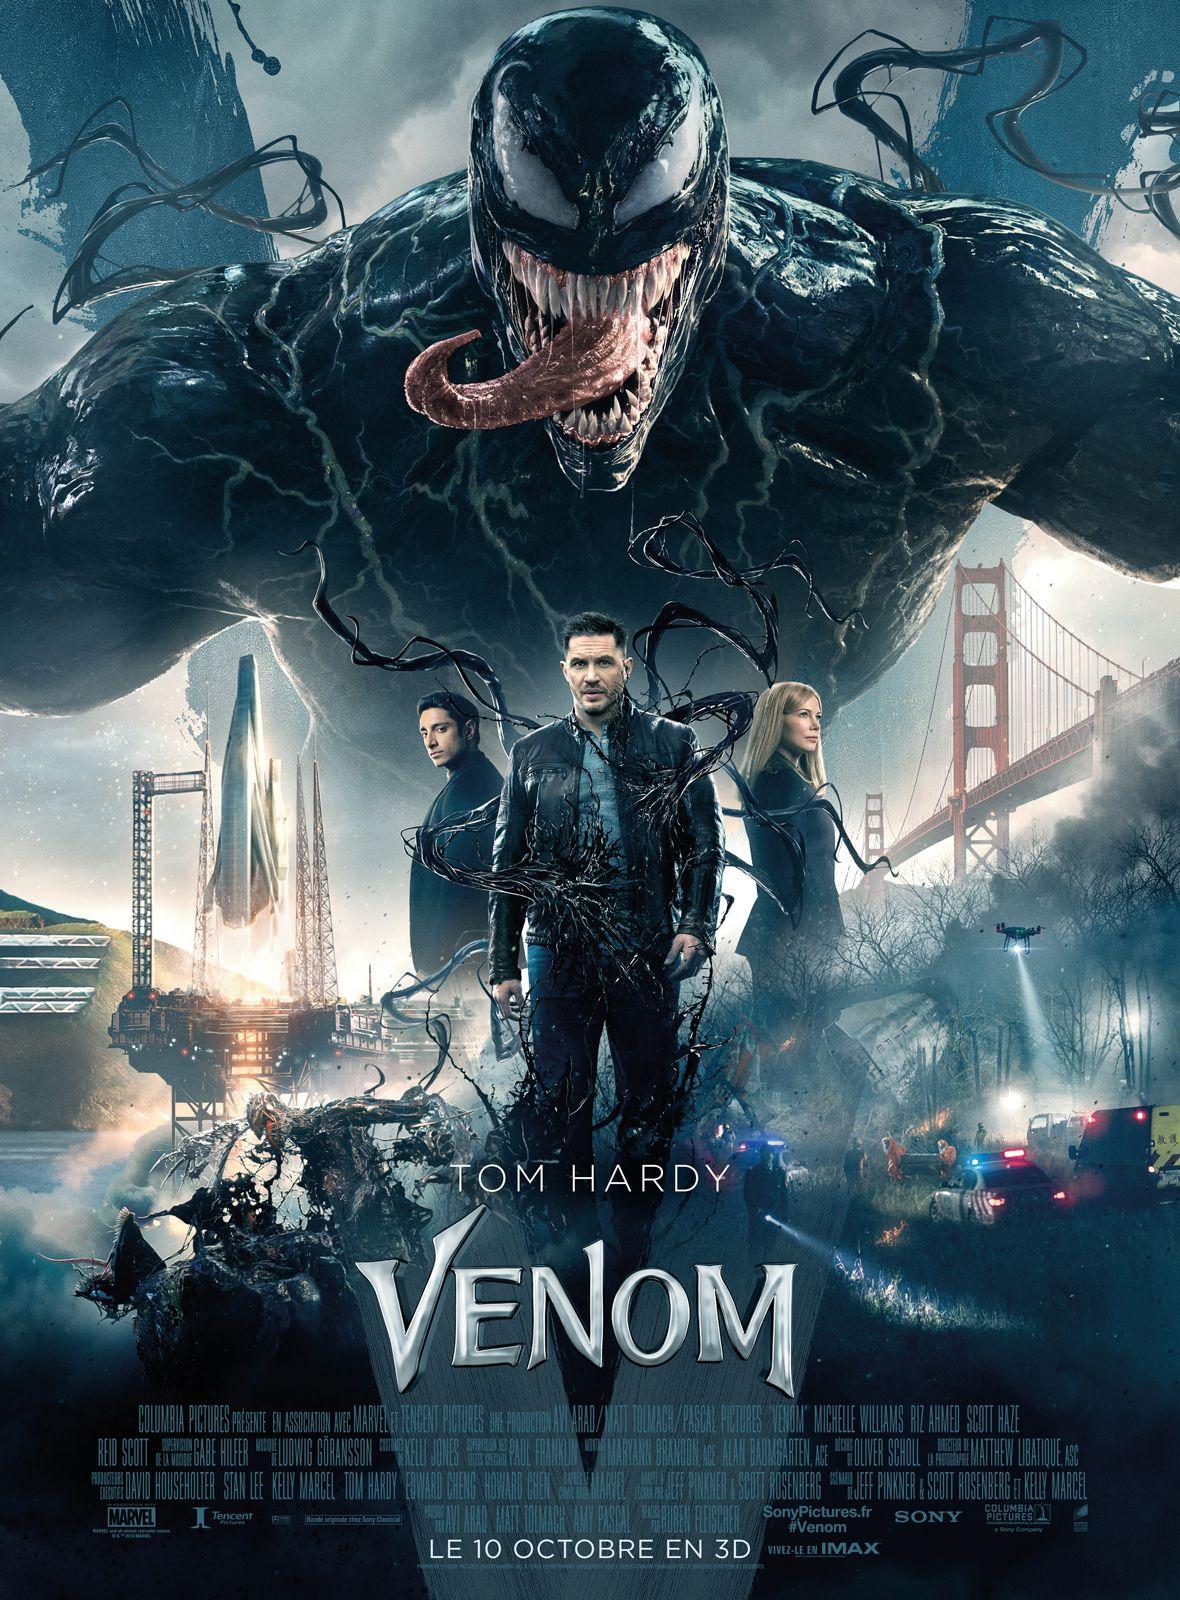 """Que vaut vraiment """"Venom"""", la dernière production super-héroïque Marvel/Sony ? Cliquez ici pour en avoir le cœur net !"""